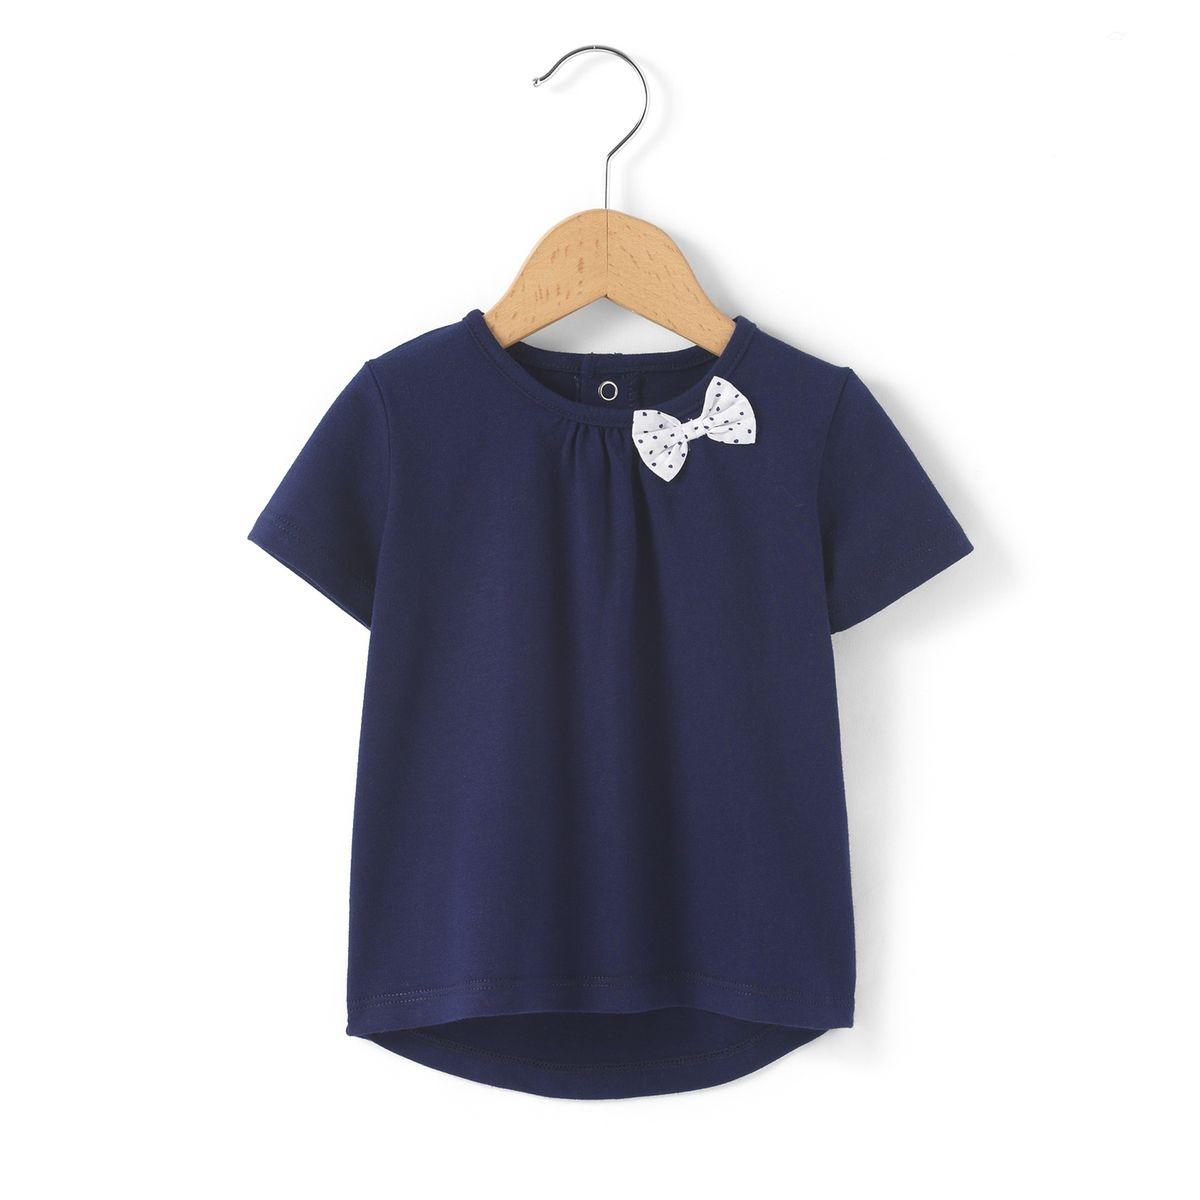 T-shirt détail noeud 1 mois-3 ans